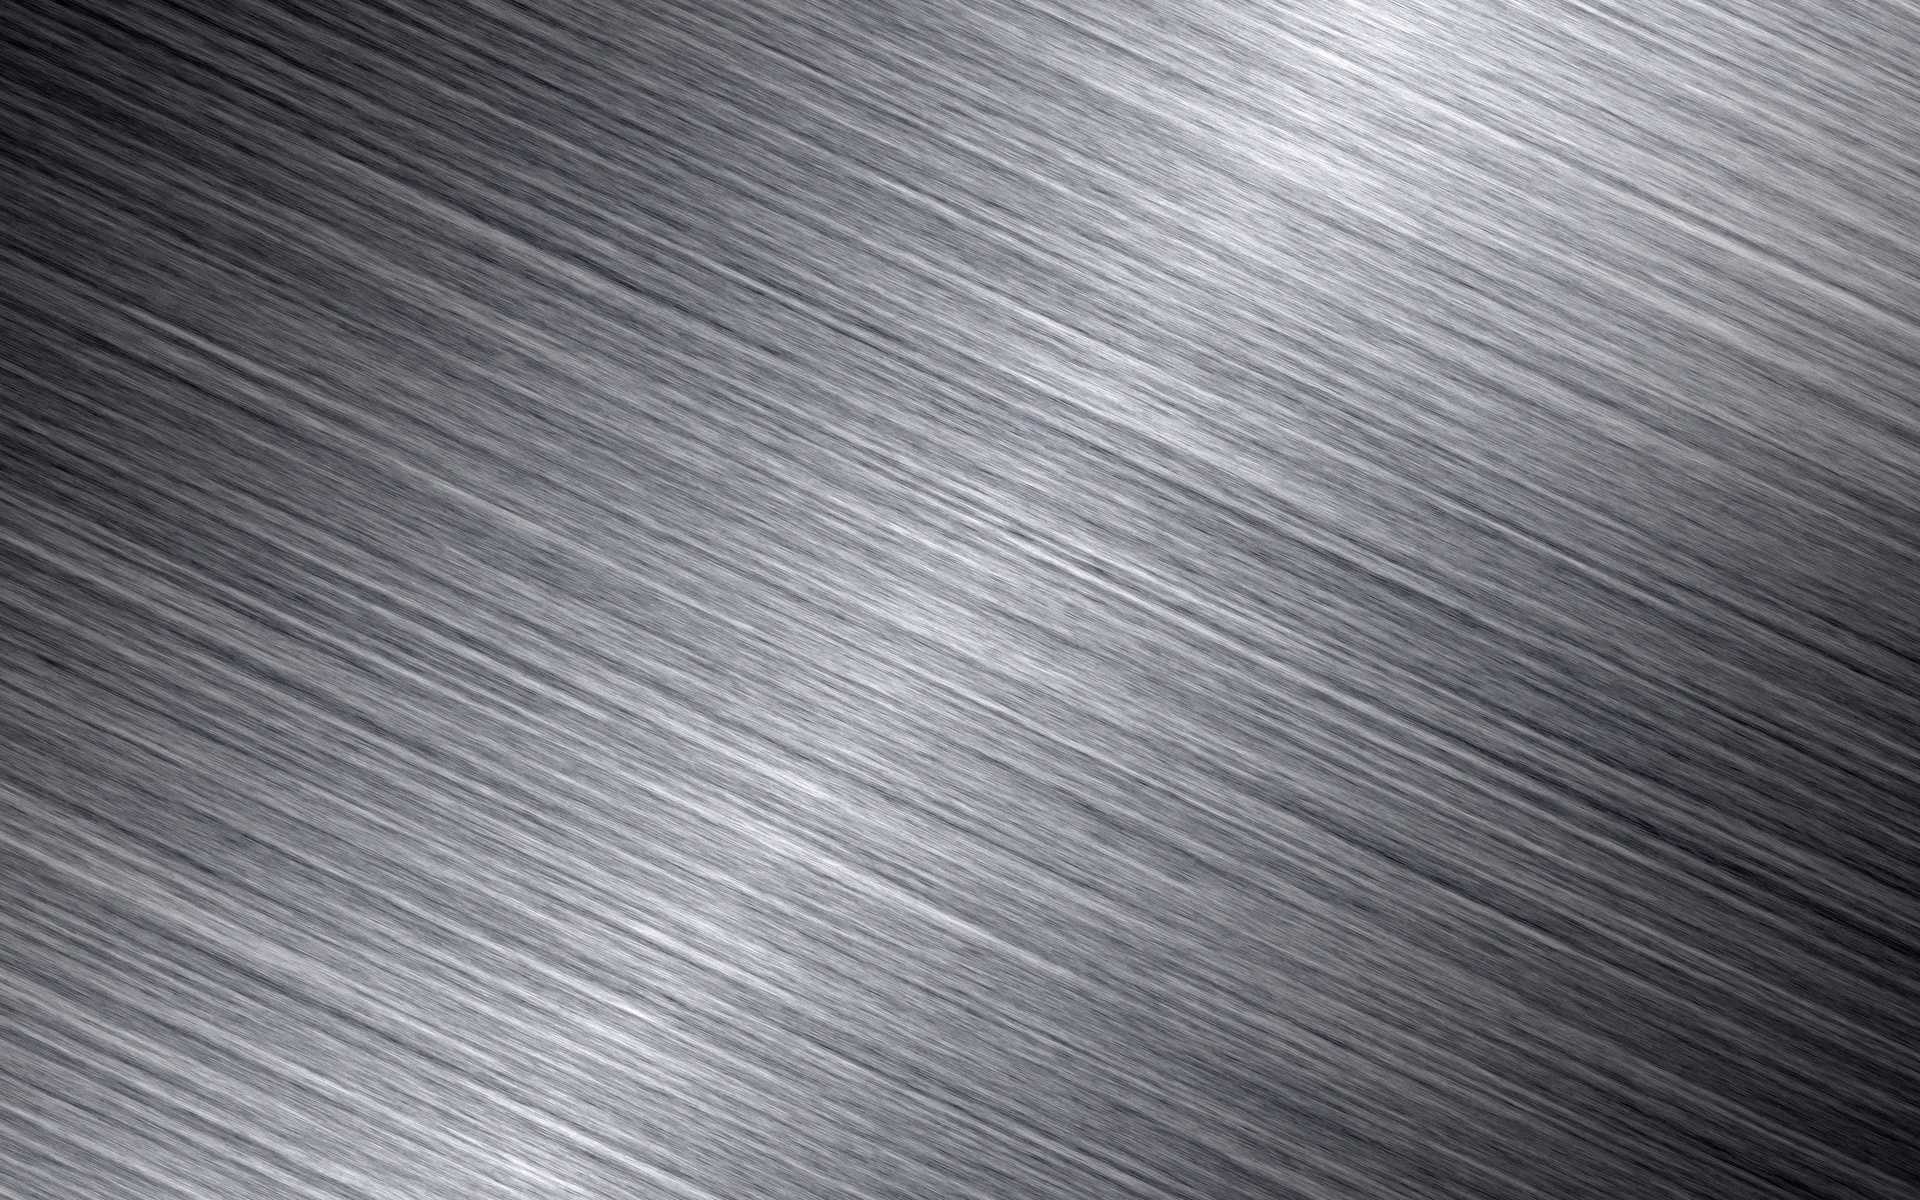 aluminium background texture, aluminum, texture, metal, download background